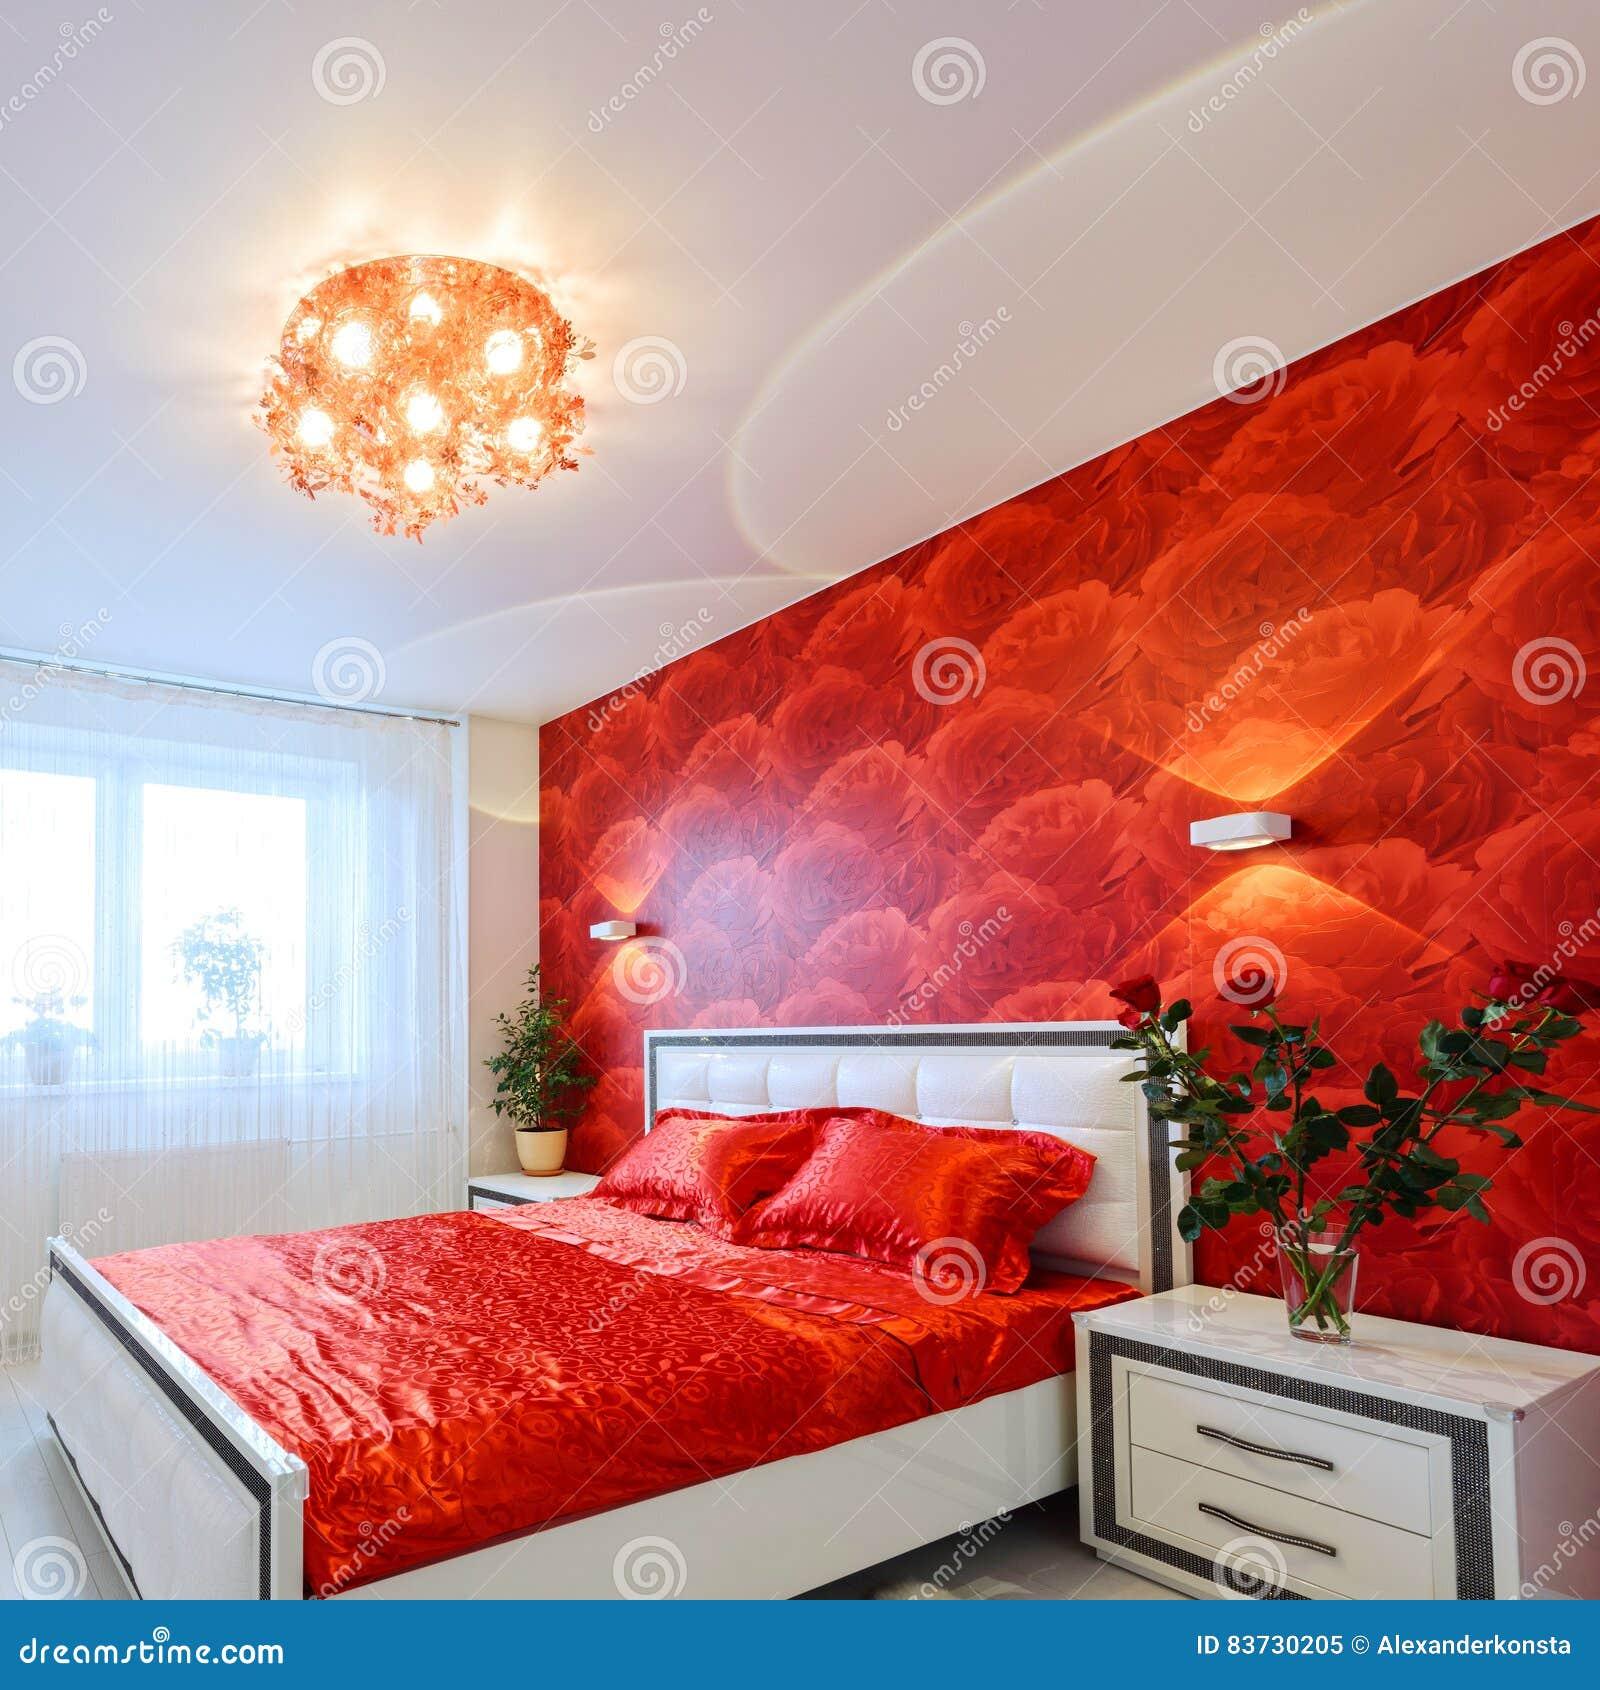 Chambre A Coucher Luxueuse En Rouge Et Blanc Image Stock Image Du